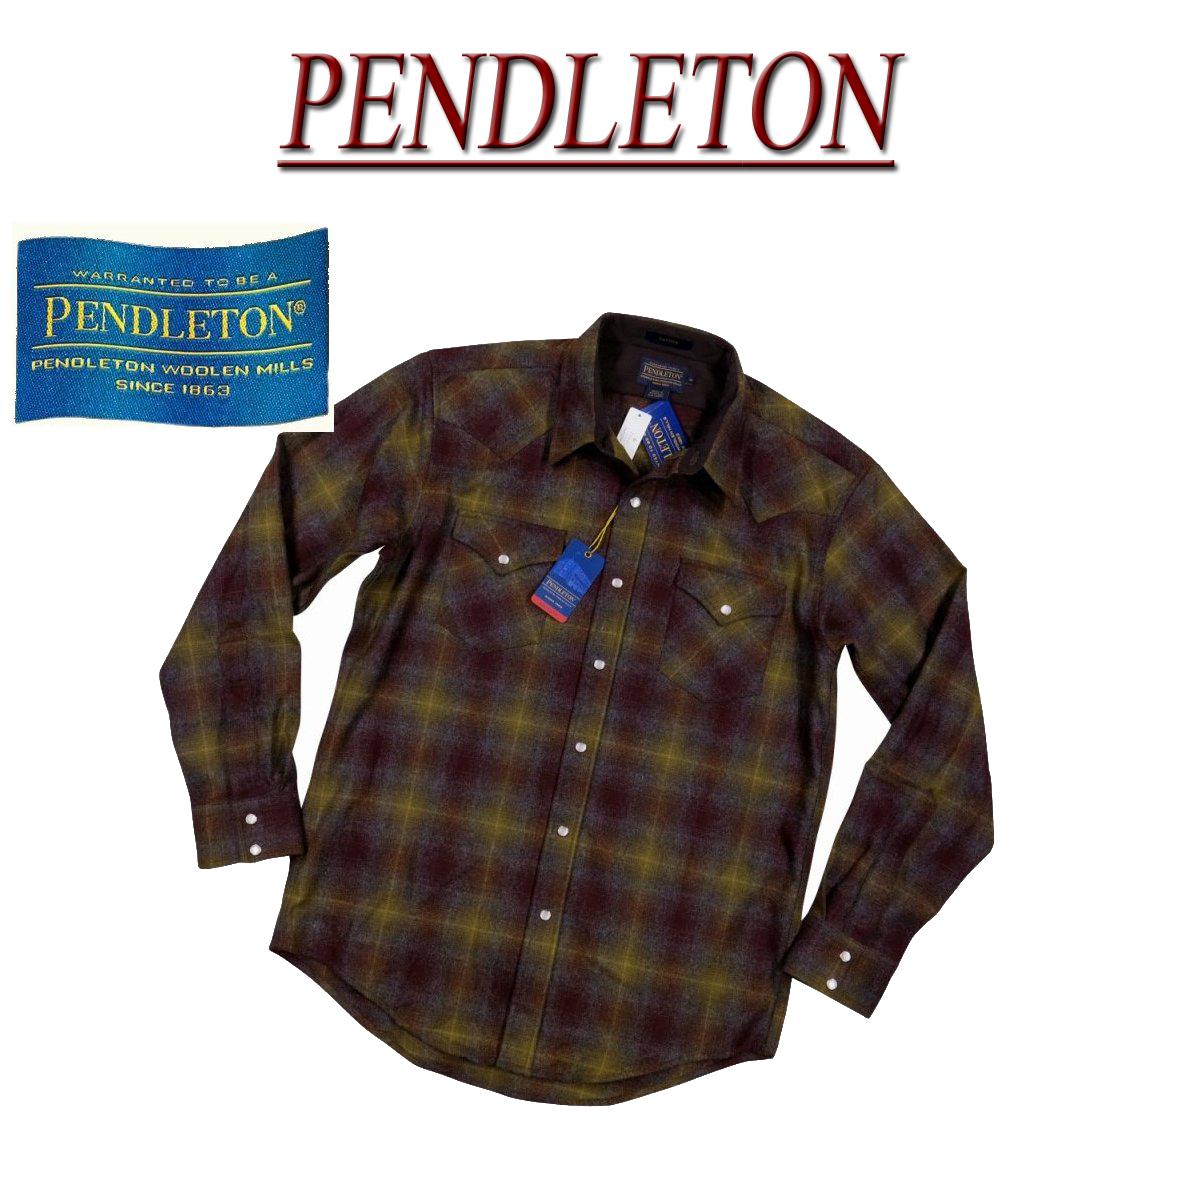 【5サイズ】 ac233 新品 PENDLETON CANYON SHIRT FITTED オンブレチェック 長袖 ウール ウエスタンシャツ DA023-31960 メンズ ペンドルトン チェックシャツ ペンデルトン ウールシャツ アメカジ 【smtb-kd】